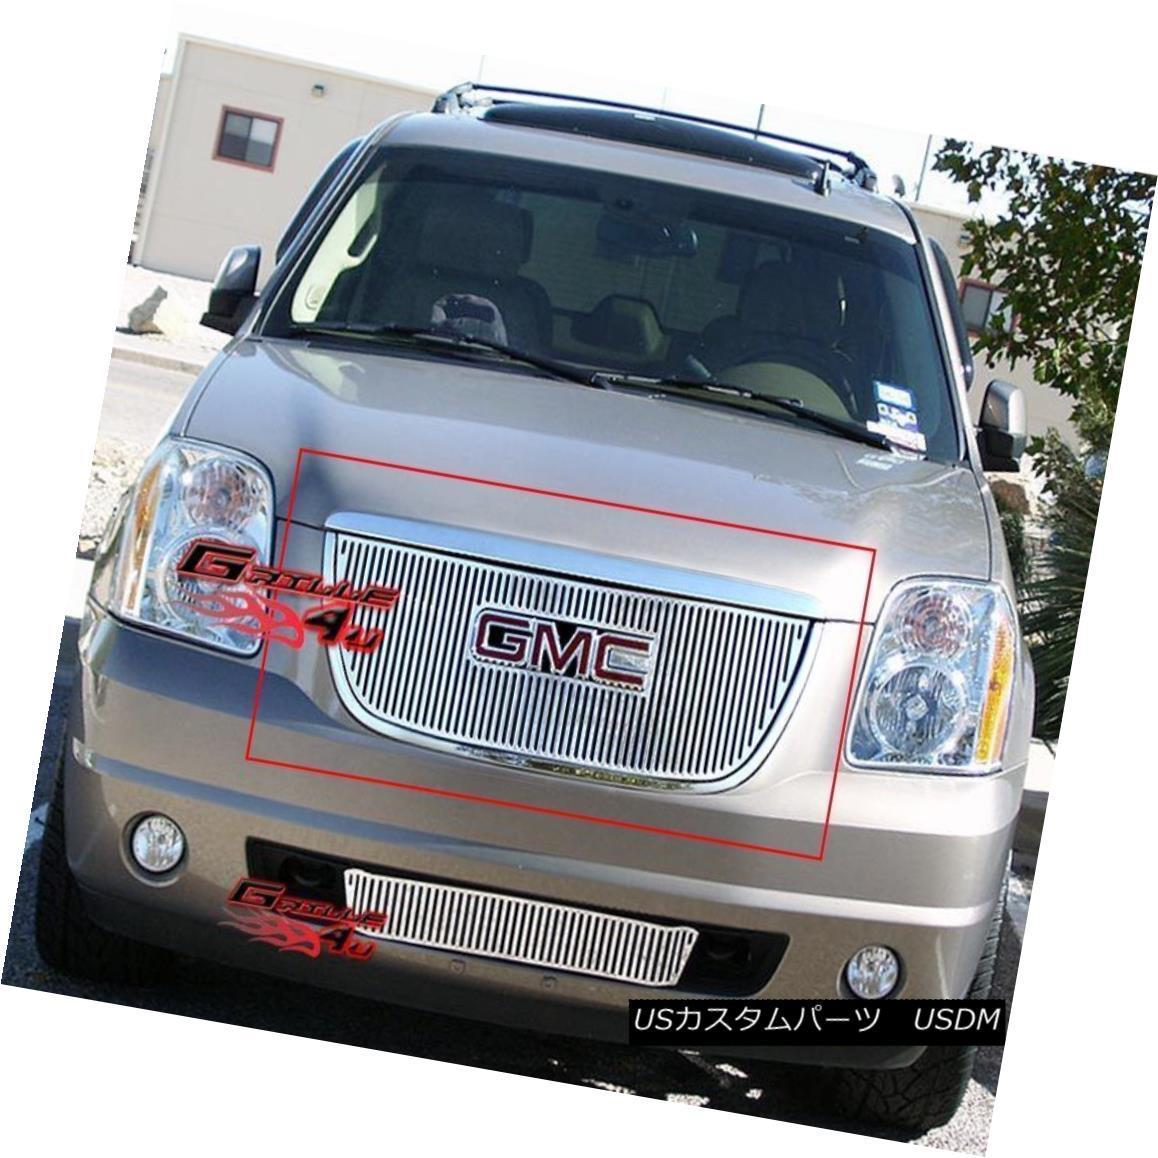 グリル For 07-11 2011 GMC Yukon Perimeter Grille Insert 2011年7月11日、GMC Yukonペリメーターグリルインサート